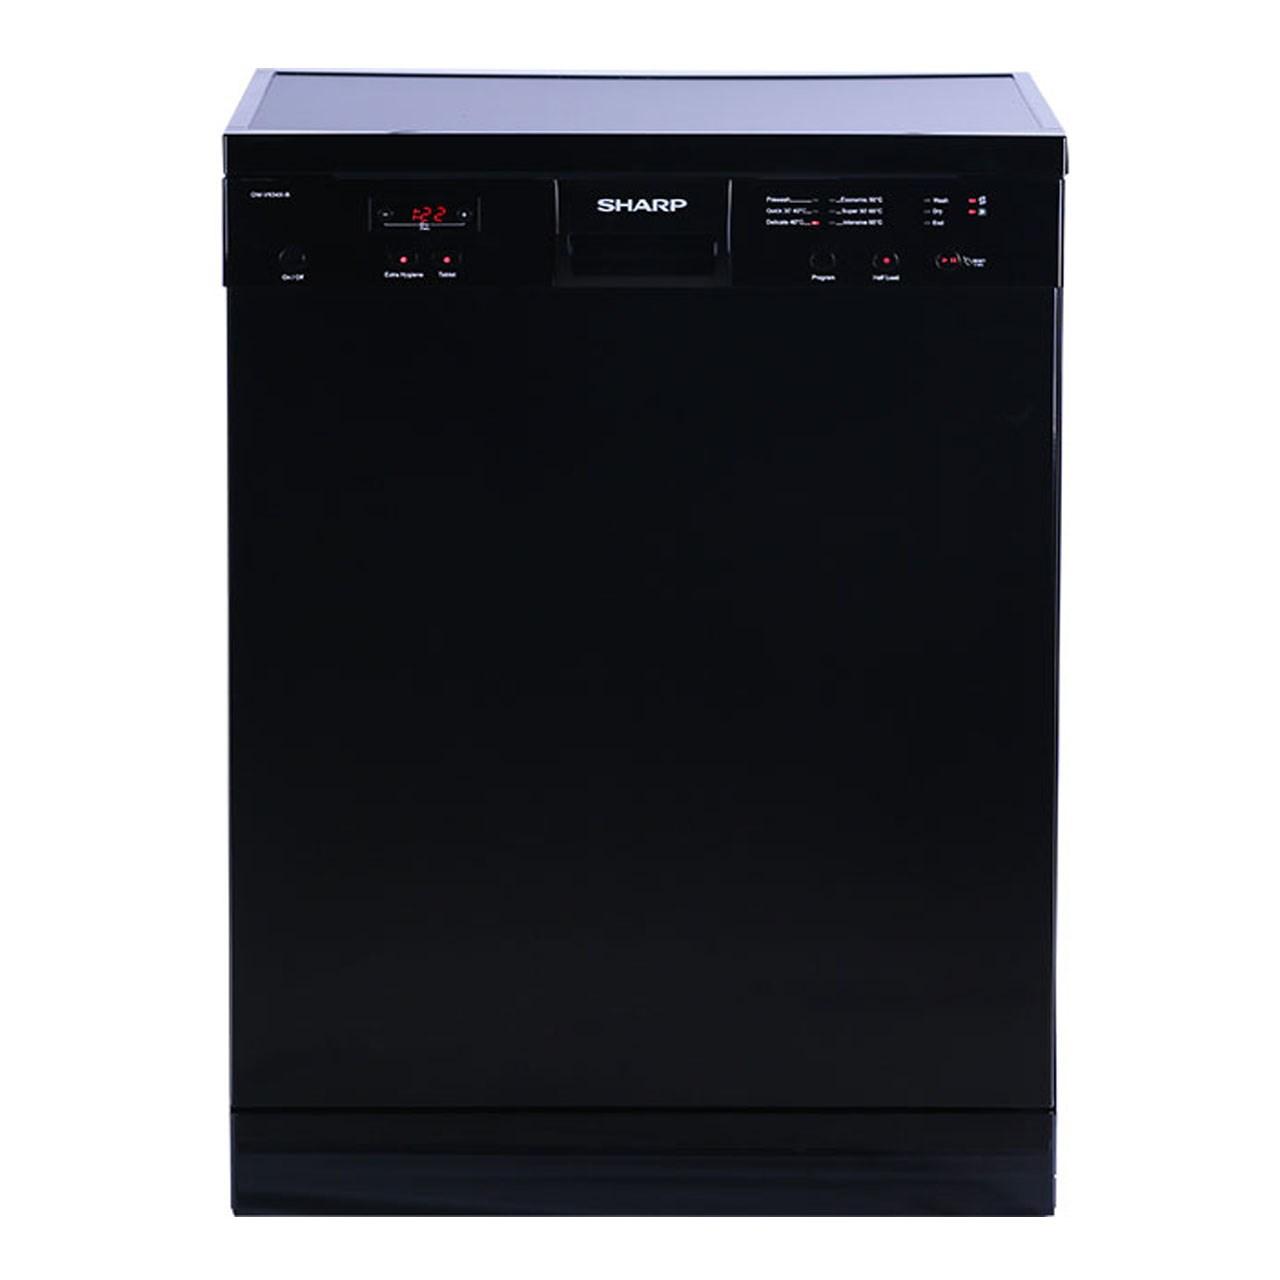 ظرفشویی شارپ مدل QW-V634 ظرفیت 12 نفر